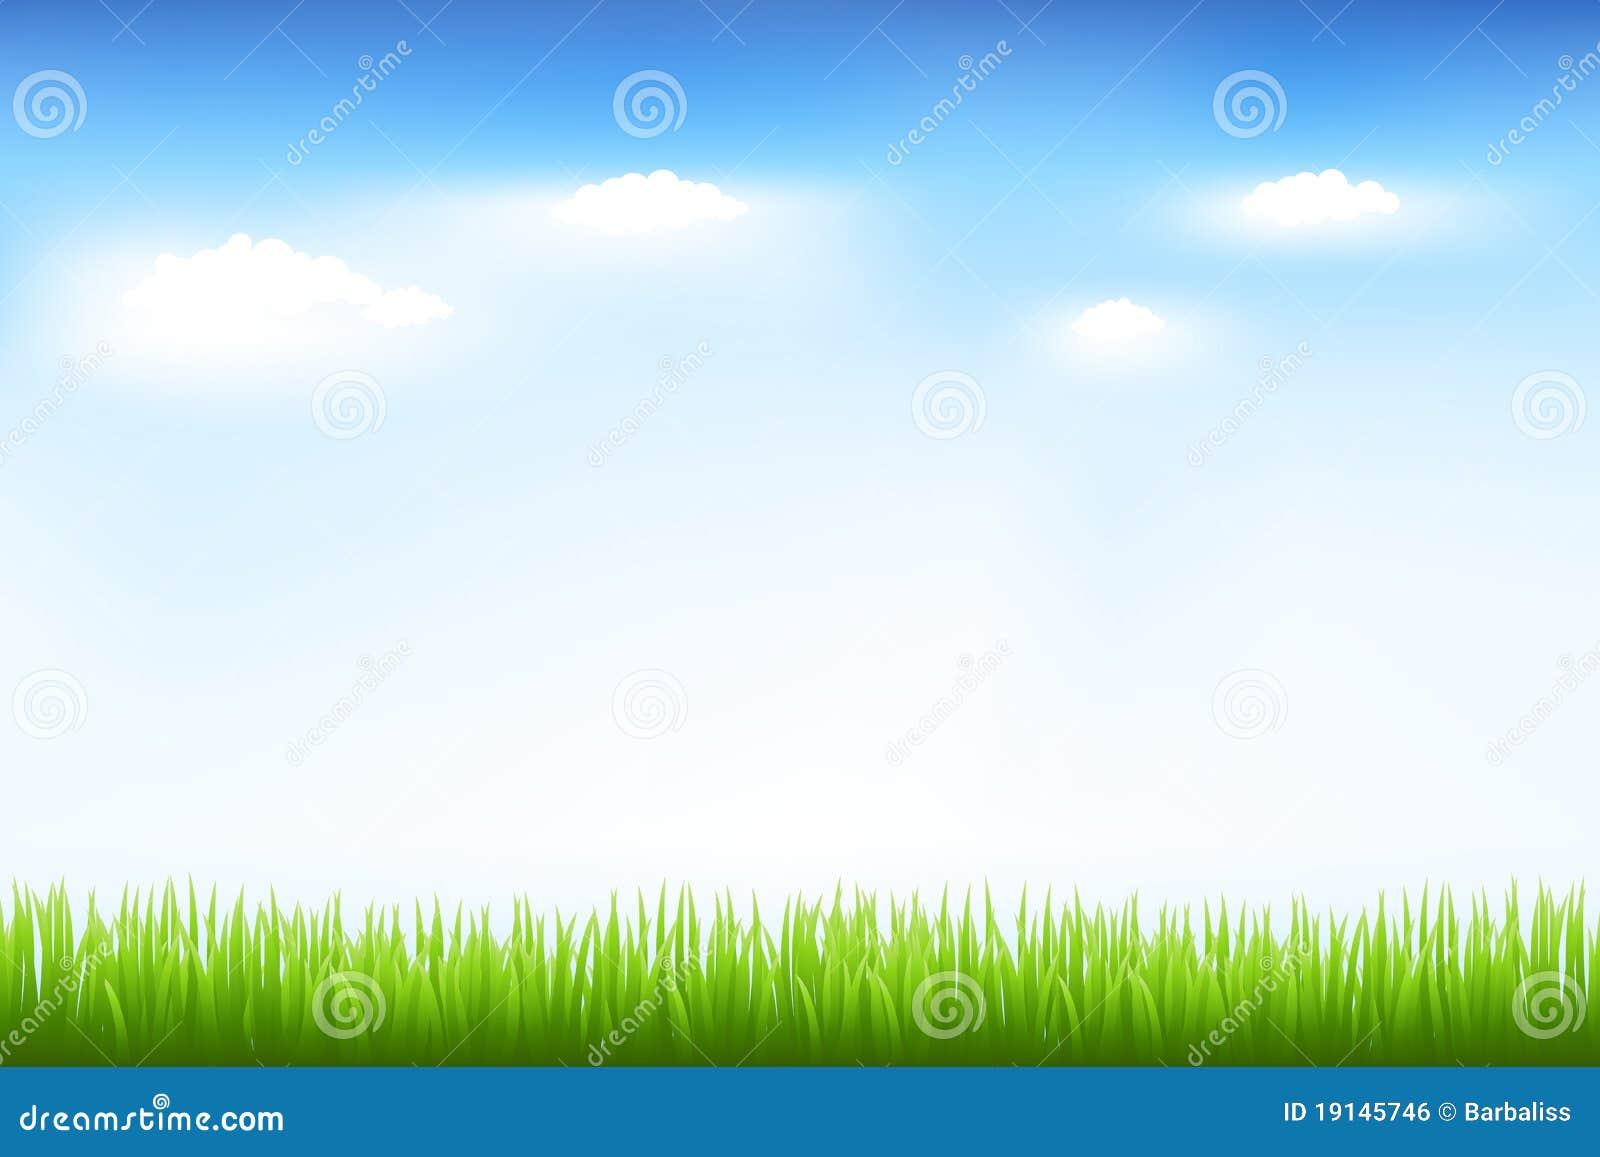 Herbe verte et ciel bleu illustration de vecteur ...